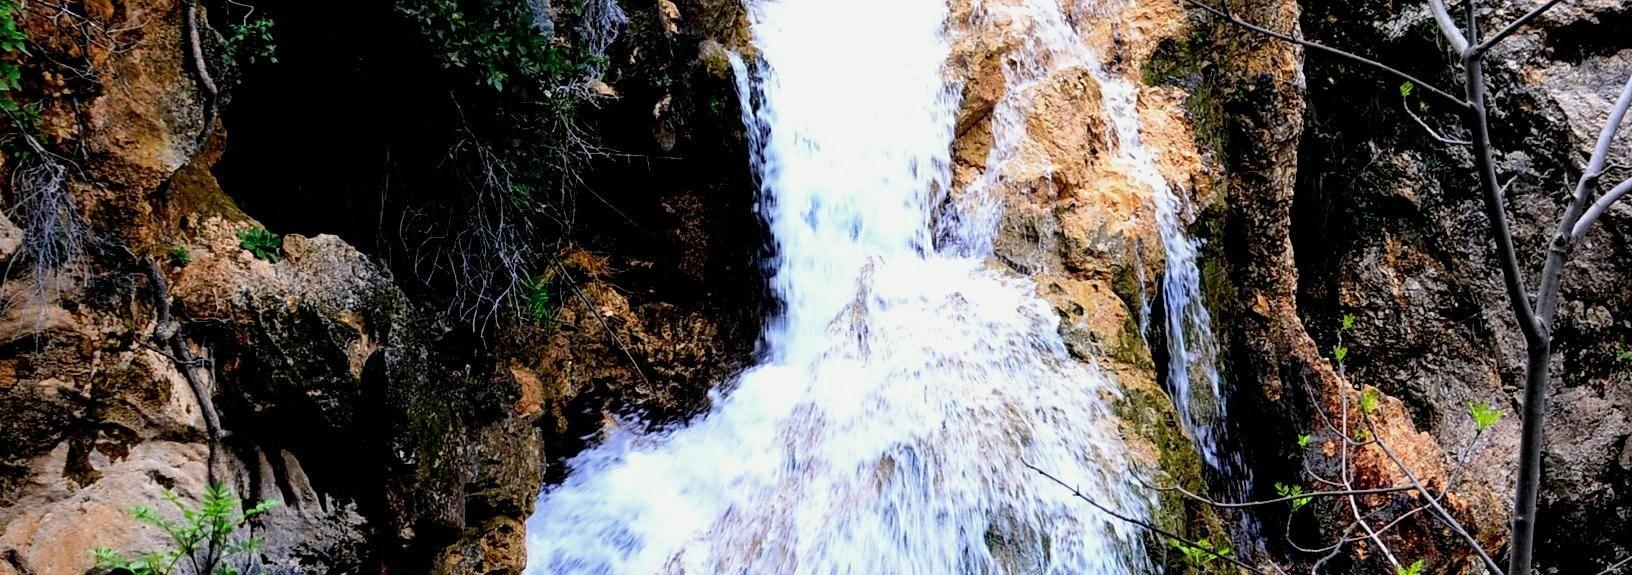 Parque Natural de las Sierras de Cazorla, Segura y Las Villas, Andalucía, España